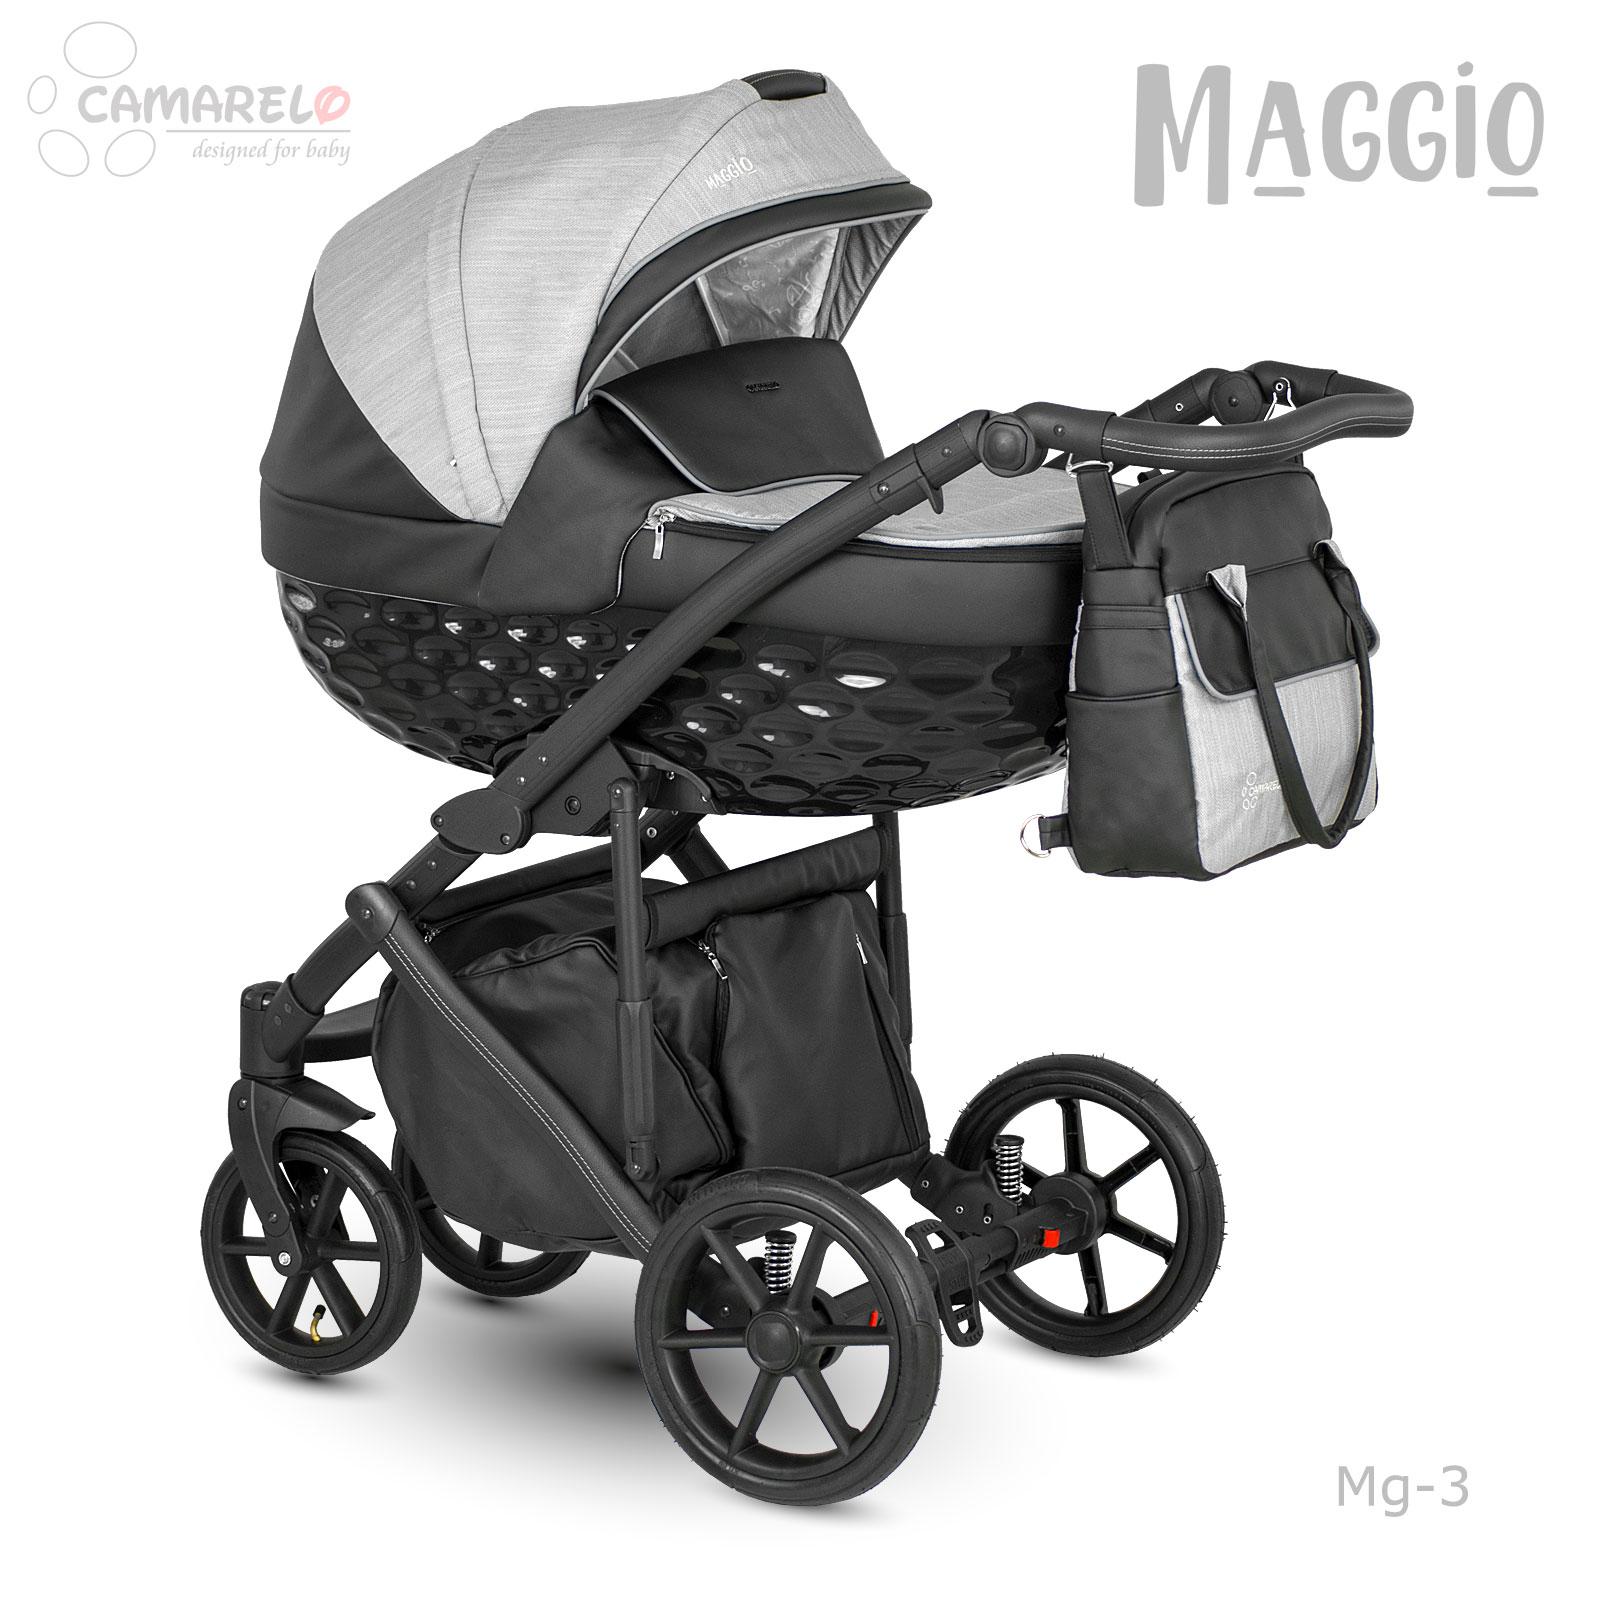 Maggio-Mg-03a